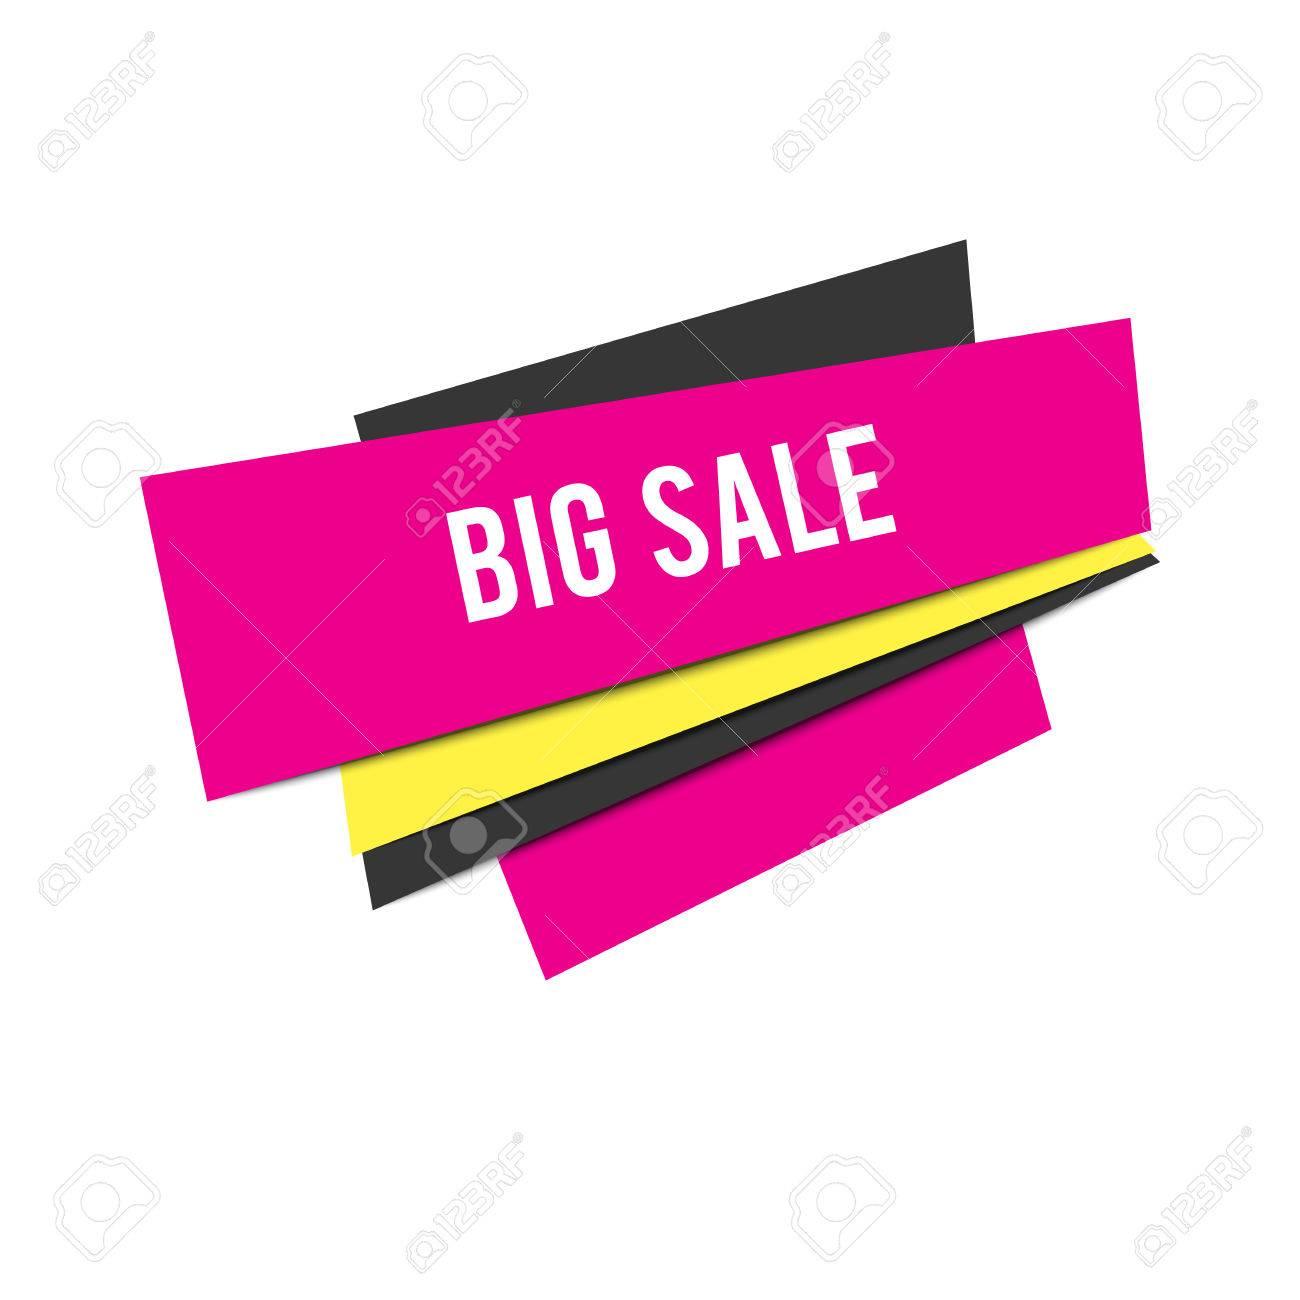 e500ccb0e Vector diseño de fondo. Diseño plano Fondo abstracto venta rosa. Fondo de  compras. Etiqueta de venta de negocio de market de moda.